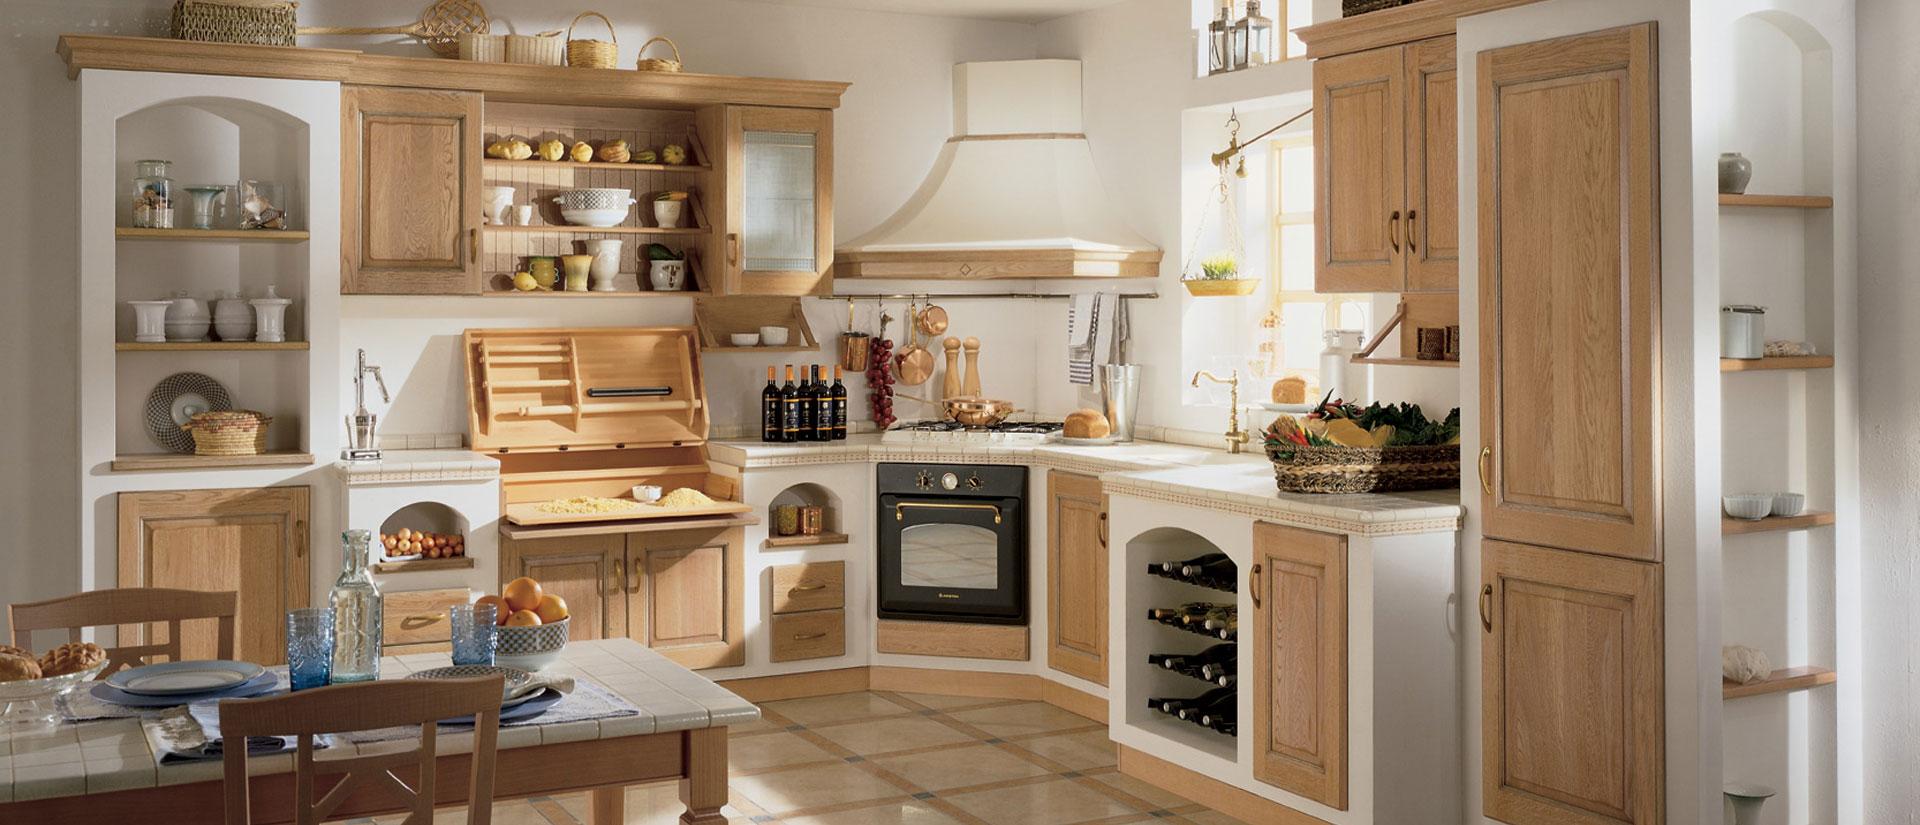 cucina_scavolini_modello_baltimora_vendita_napoli